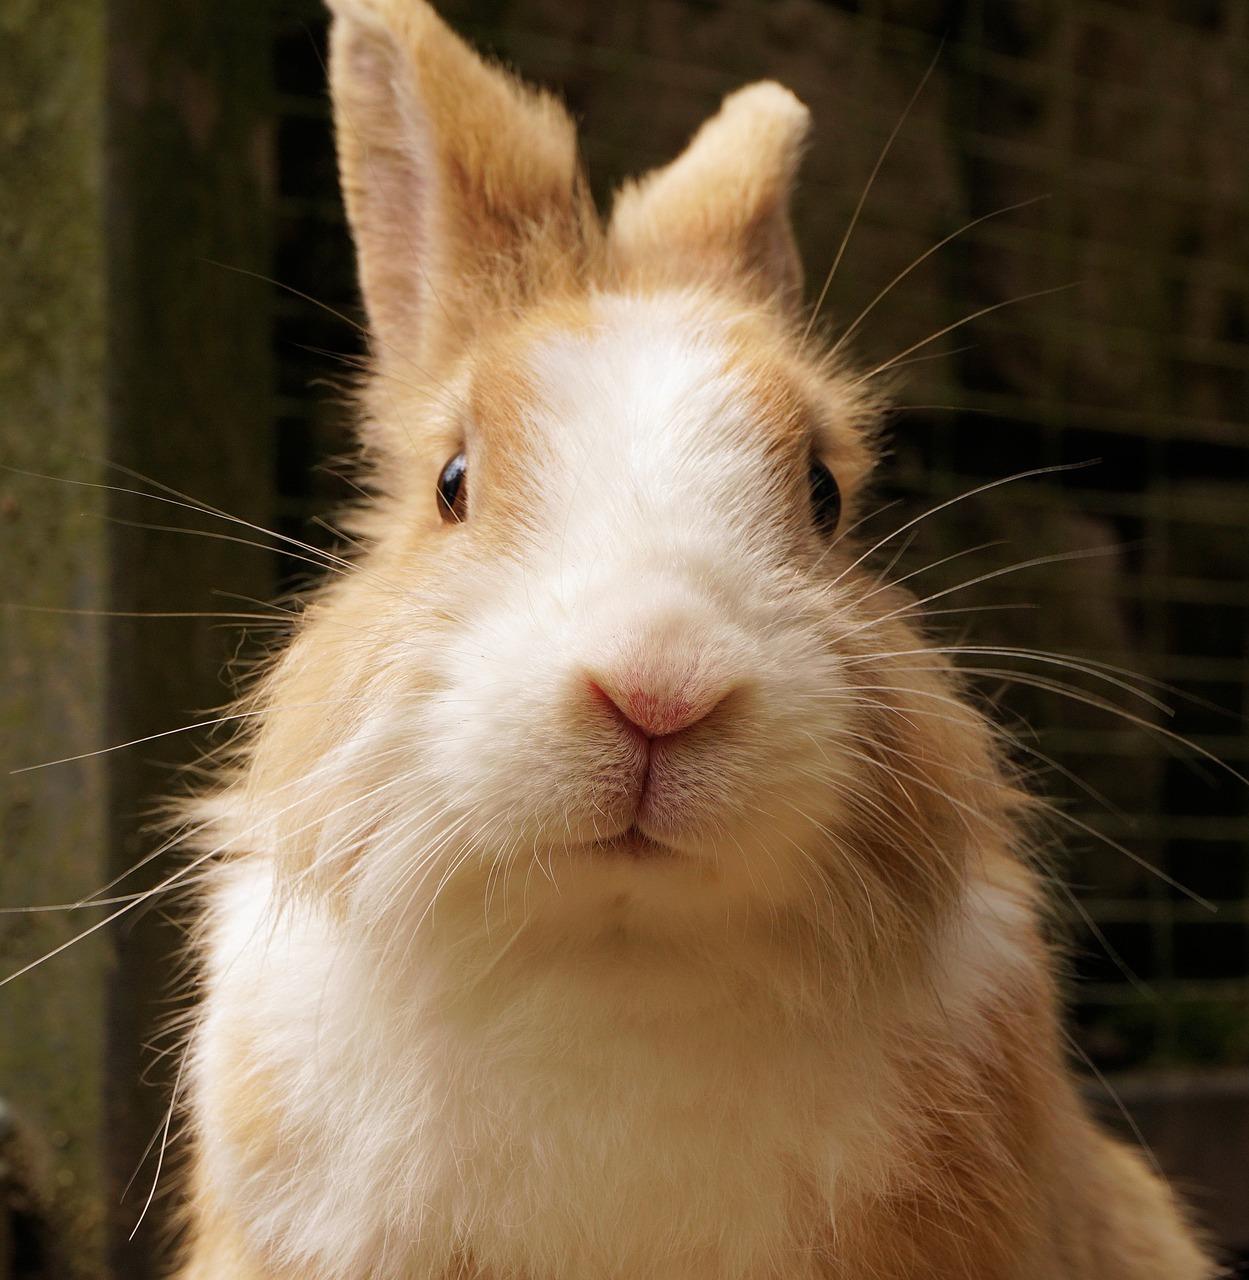 Rozród królika kaliforniskiego. Królik kalifornijski rozmnażanie